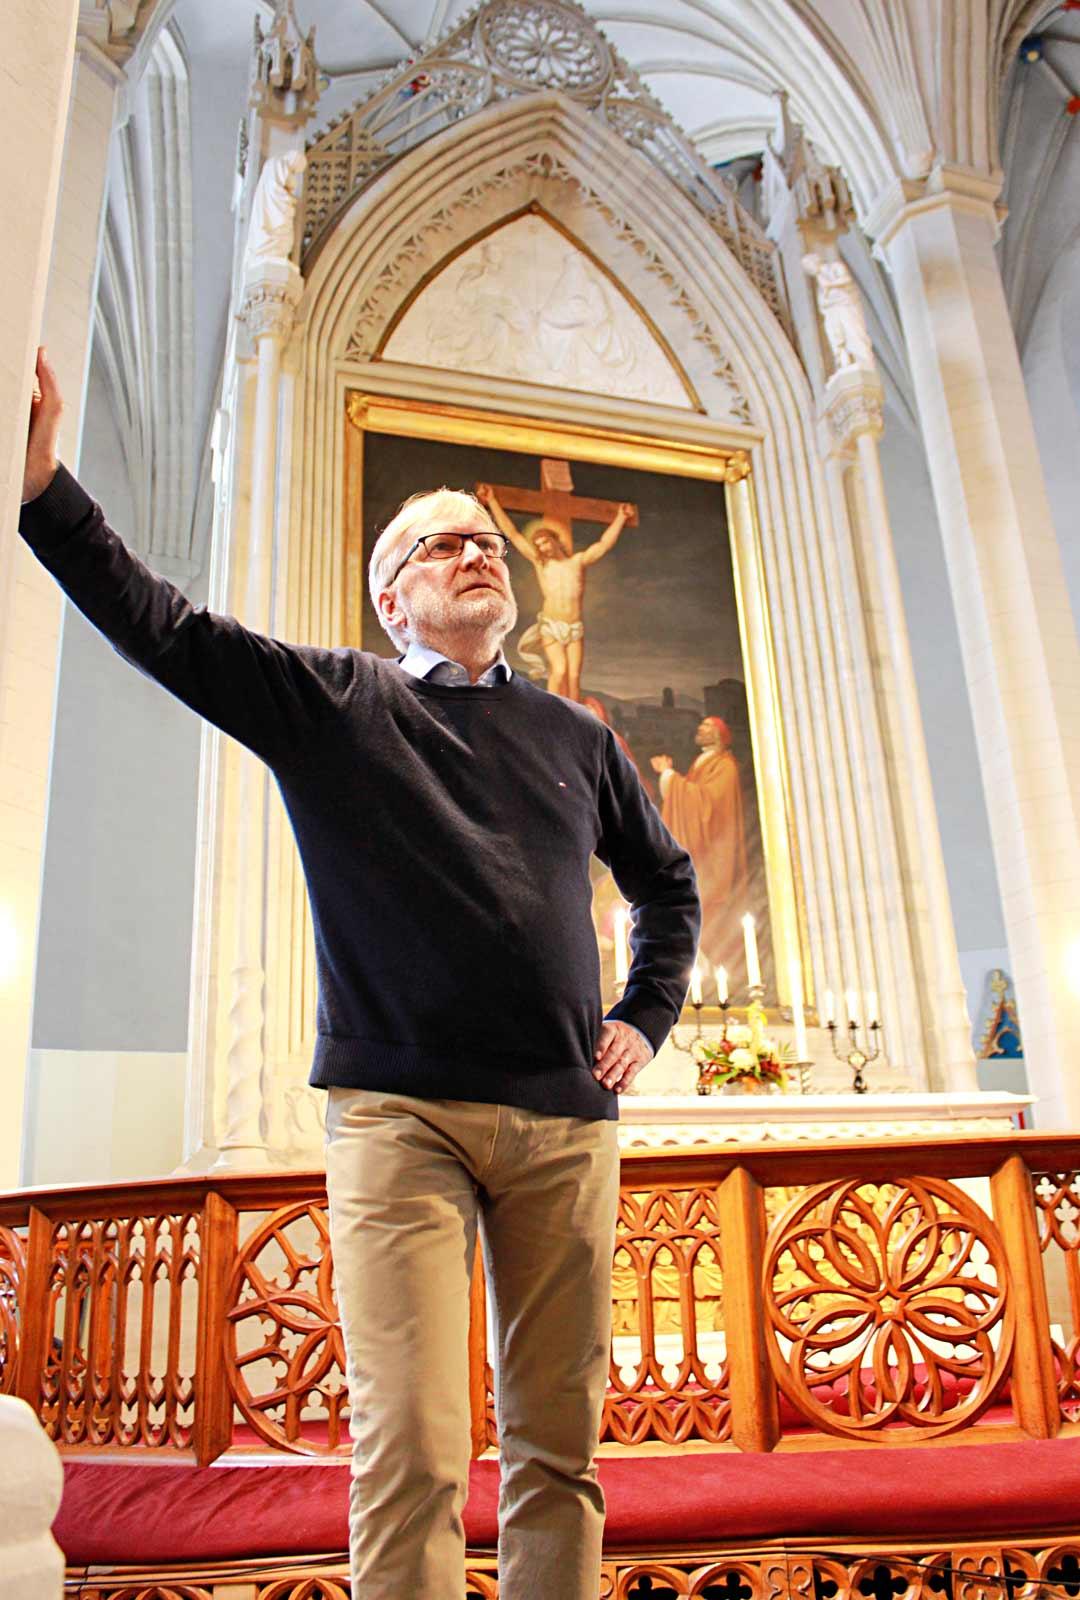 Tukholmassa asuva Rauli Lehtonen käy työnsä vuoksi edelleen säännöllisesti Tallinnassa. Toisinaan askeleet johdattuvat Olevisten kirkkoon. – Joskus tuntuu siltä, että ne kokemukset kantavat edelleen, Lehtonen toteaa.